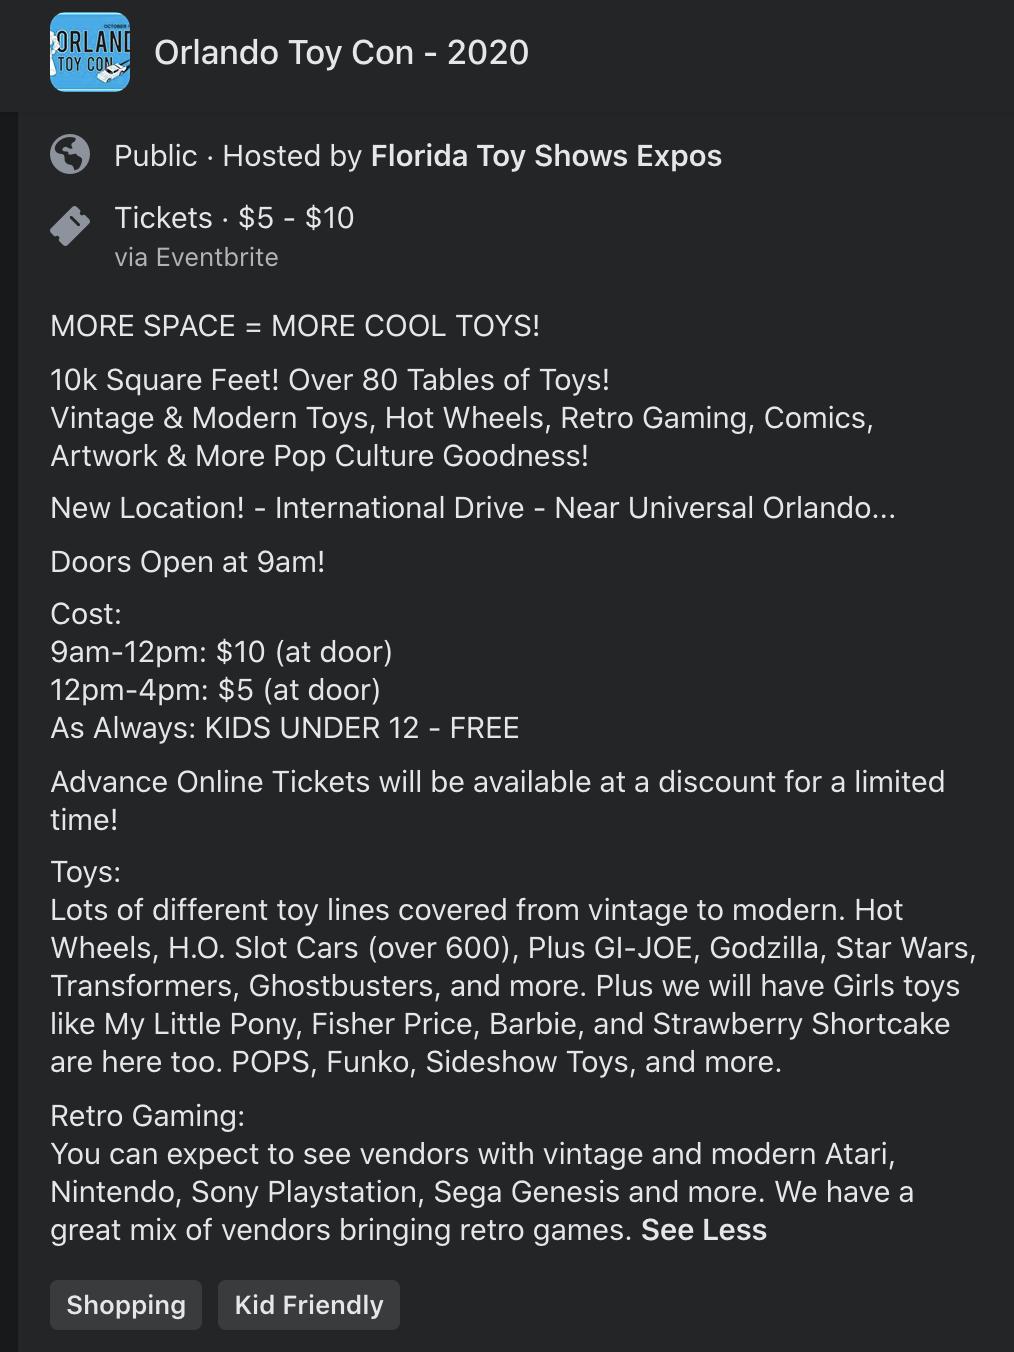 Orlando Toy Show Facebook